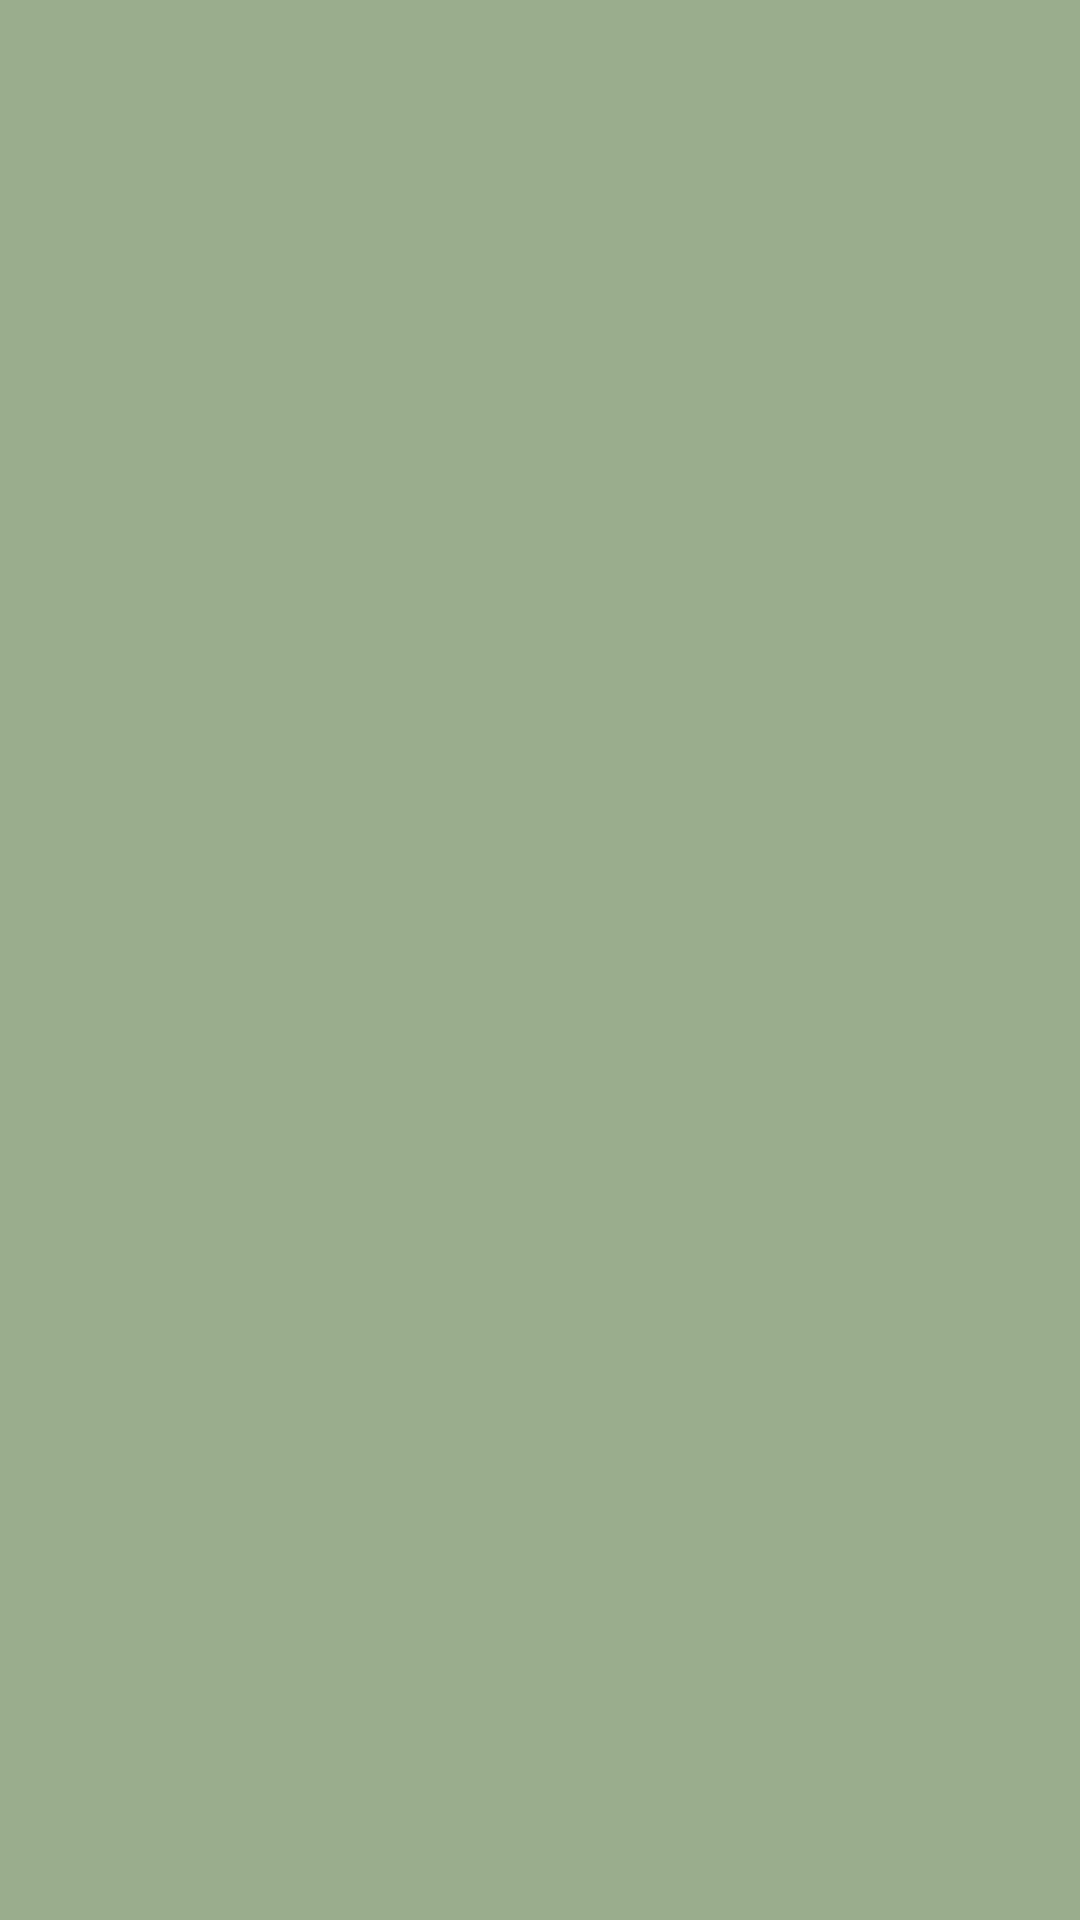 1080x1920 Sage Green Hình nền iPhone - KoLPaPer - Hình nền HD miễn phí tuyệt vời